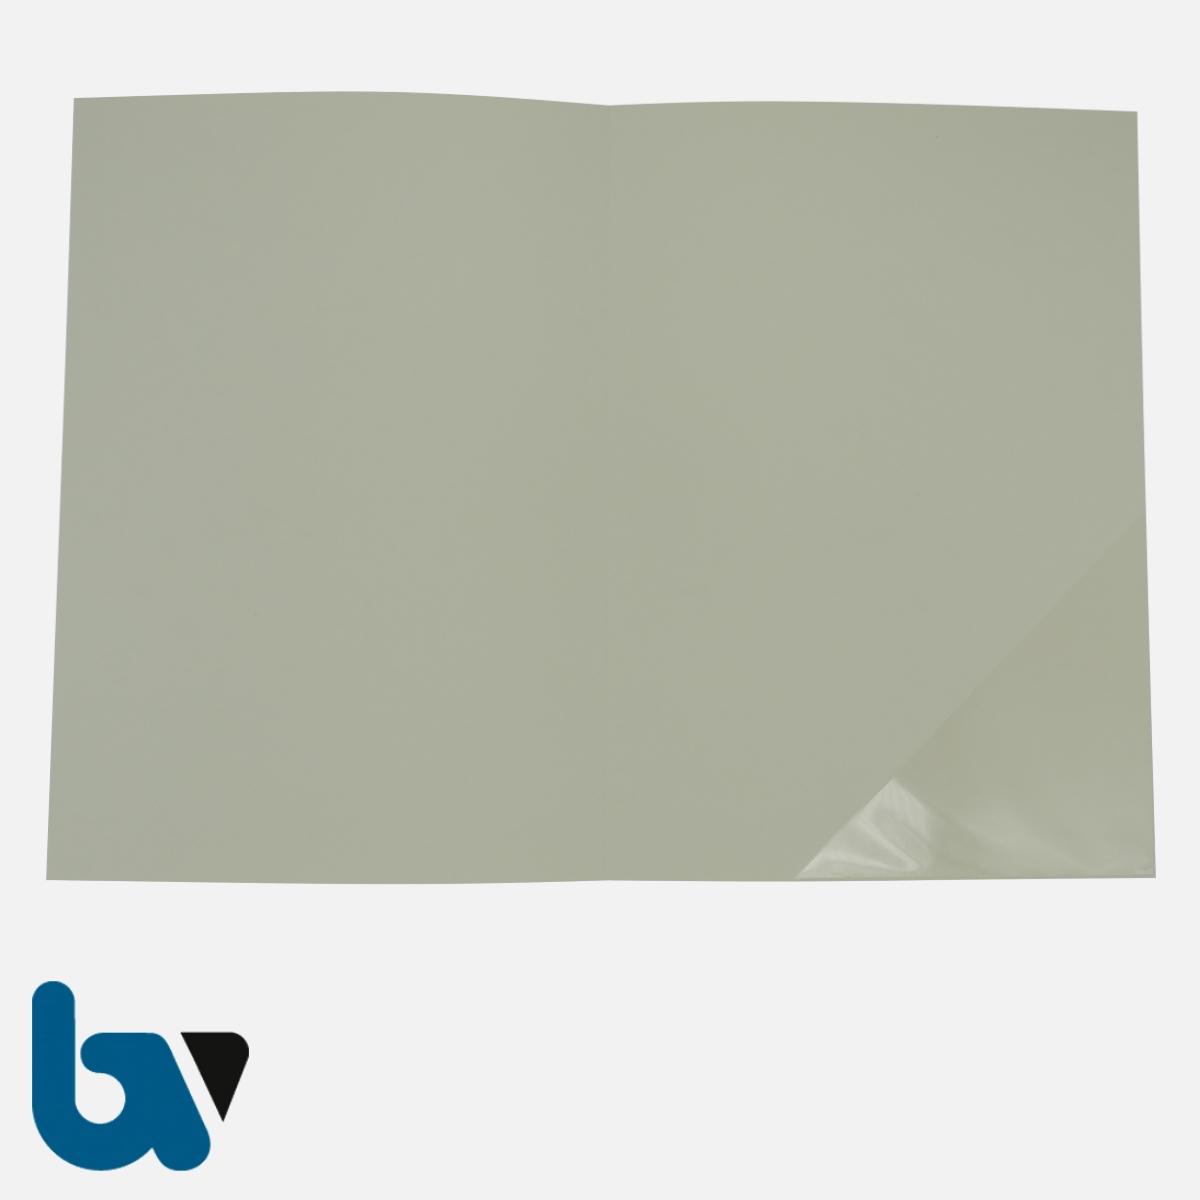 0/134-10 Urkundenhülle Creme Dokumente Goldprägung Überformat Einstecktasche Einlege DIN A4 Inhalt 1 | Borgard Verlag GmbH